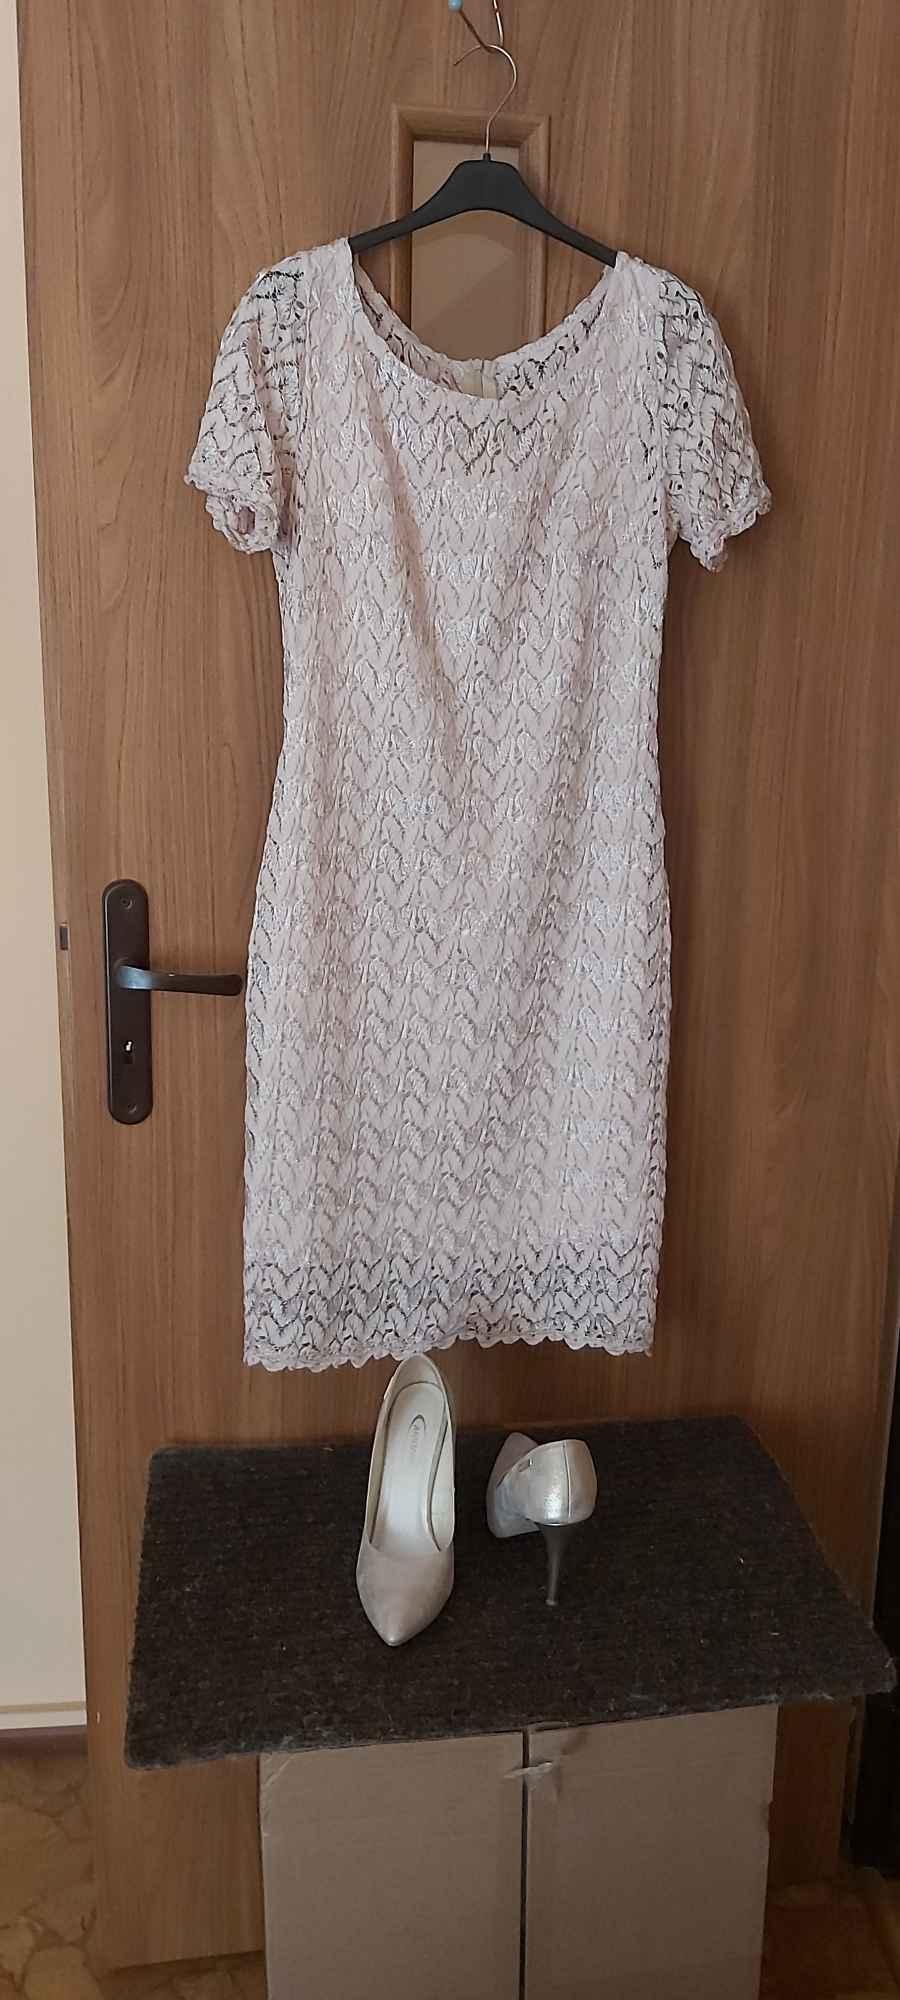 Ubrania -Sukienki Częstochowa - zdjęcie 3